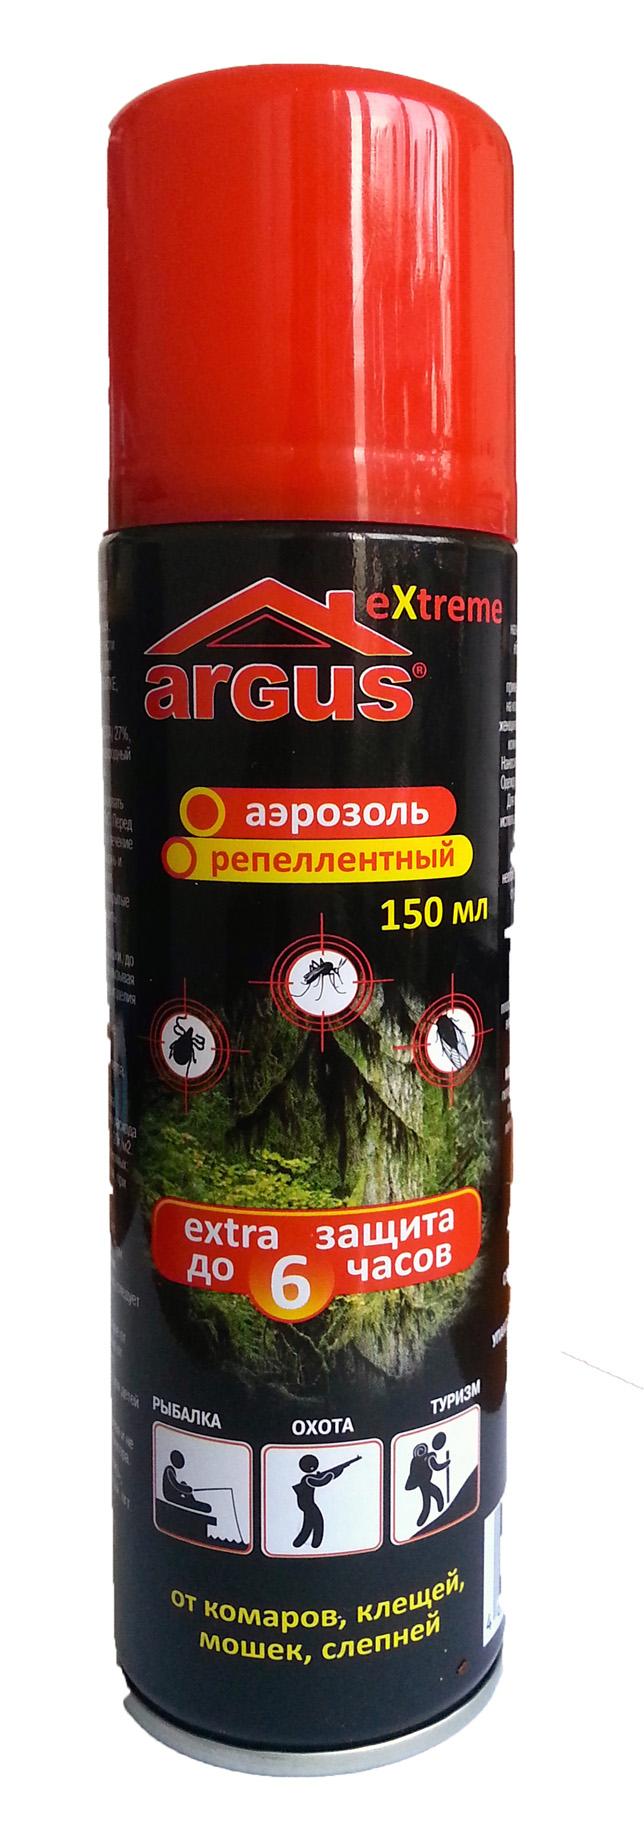 Аэрозоль-репеллент Argus СЗ.010022